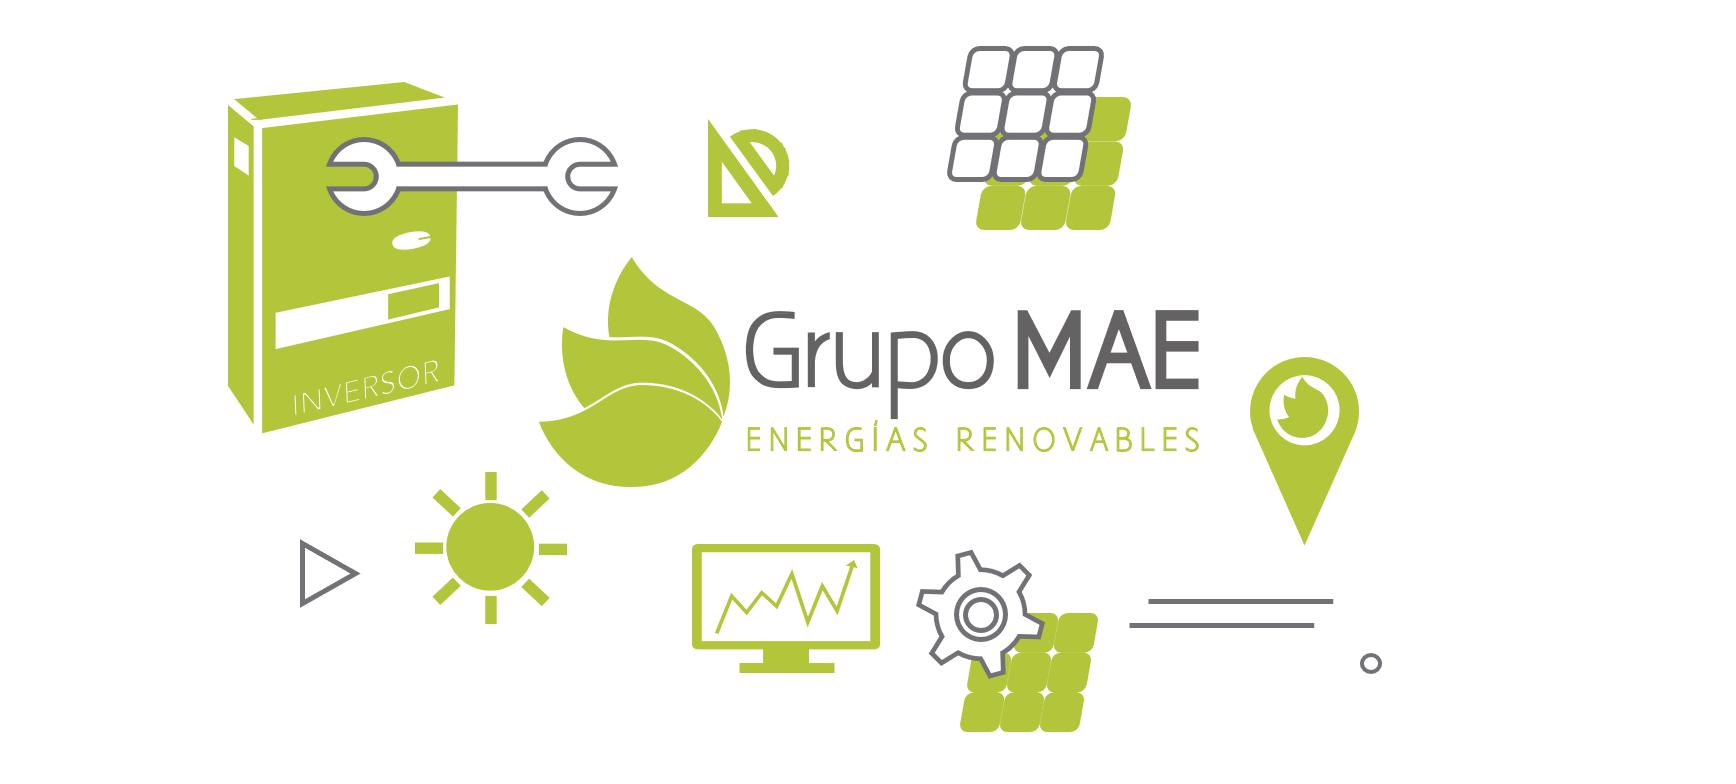 Grupo MAE